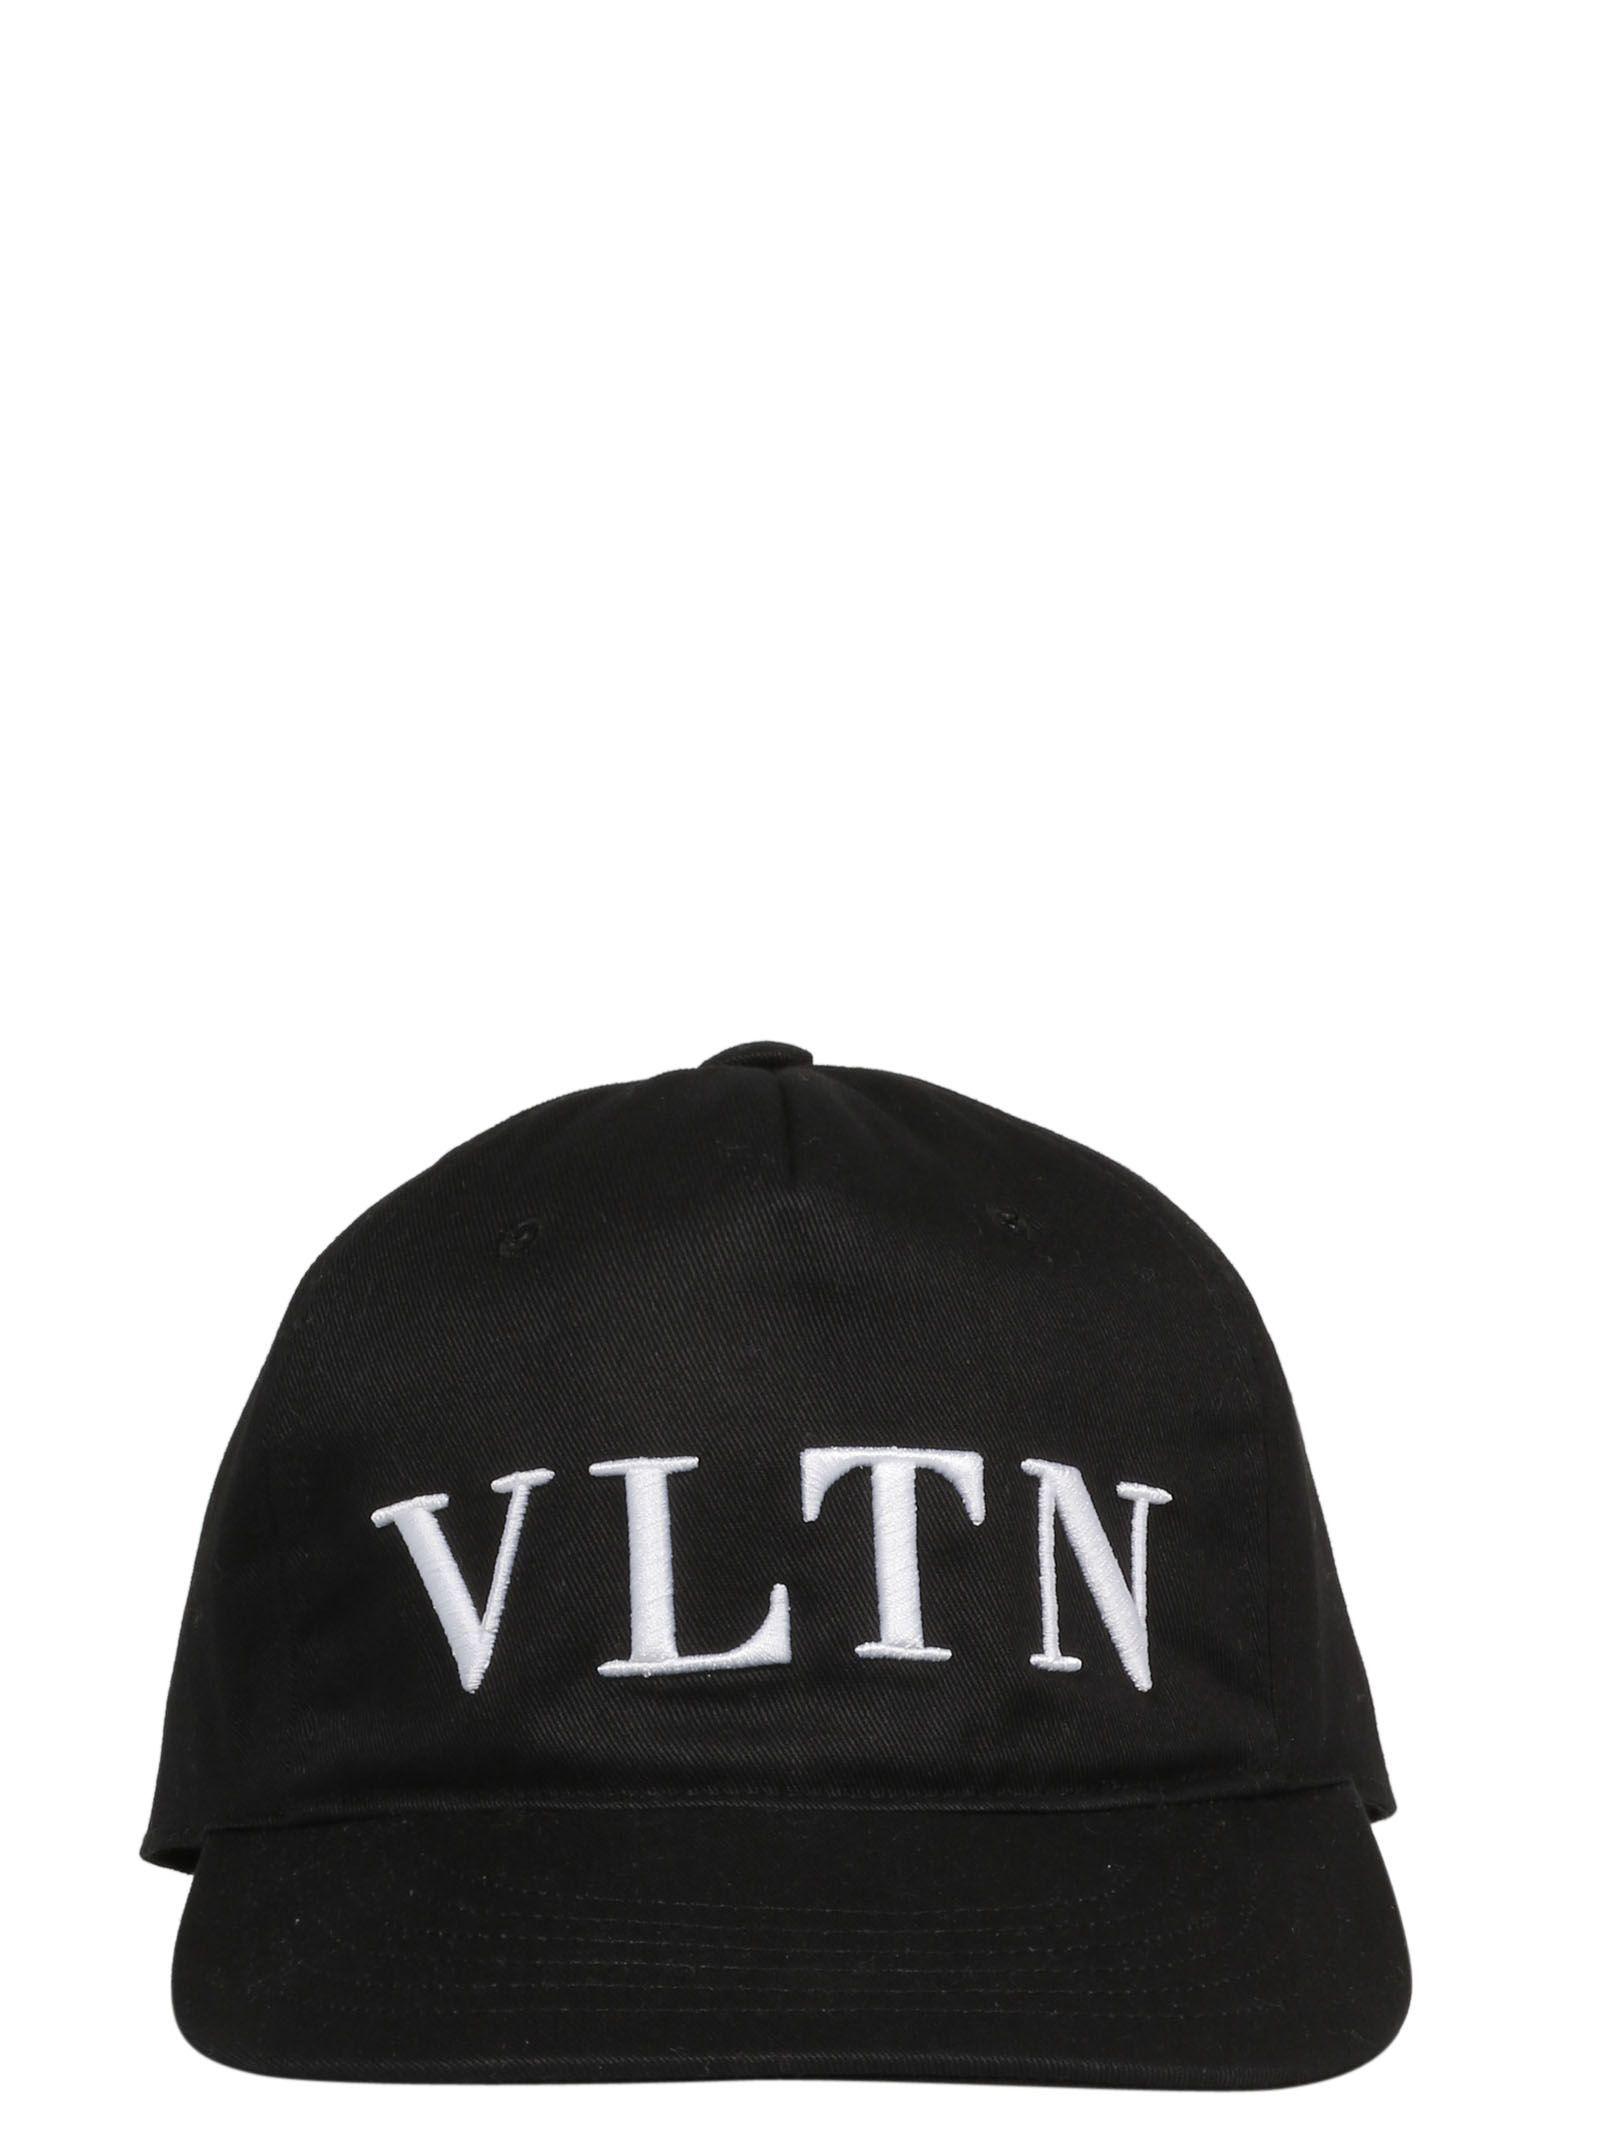 VALENTINO VLTN LOGO BASEBALL CAP.  valentino  880e7089c02